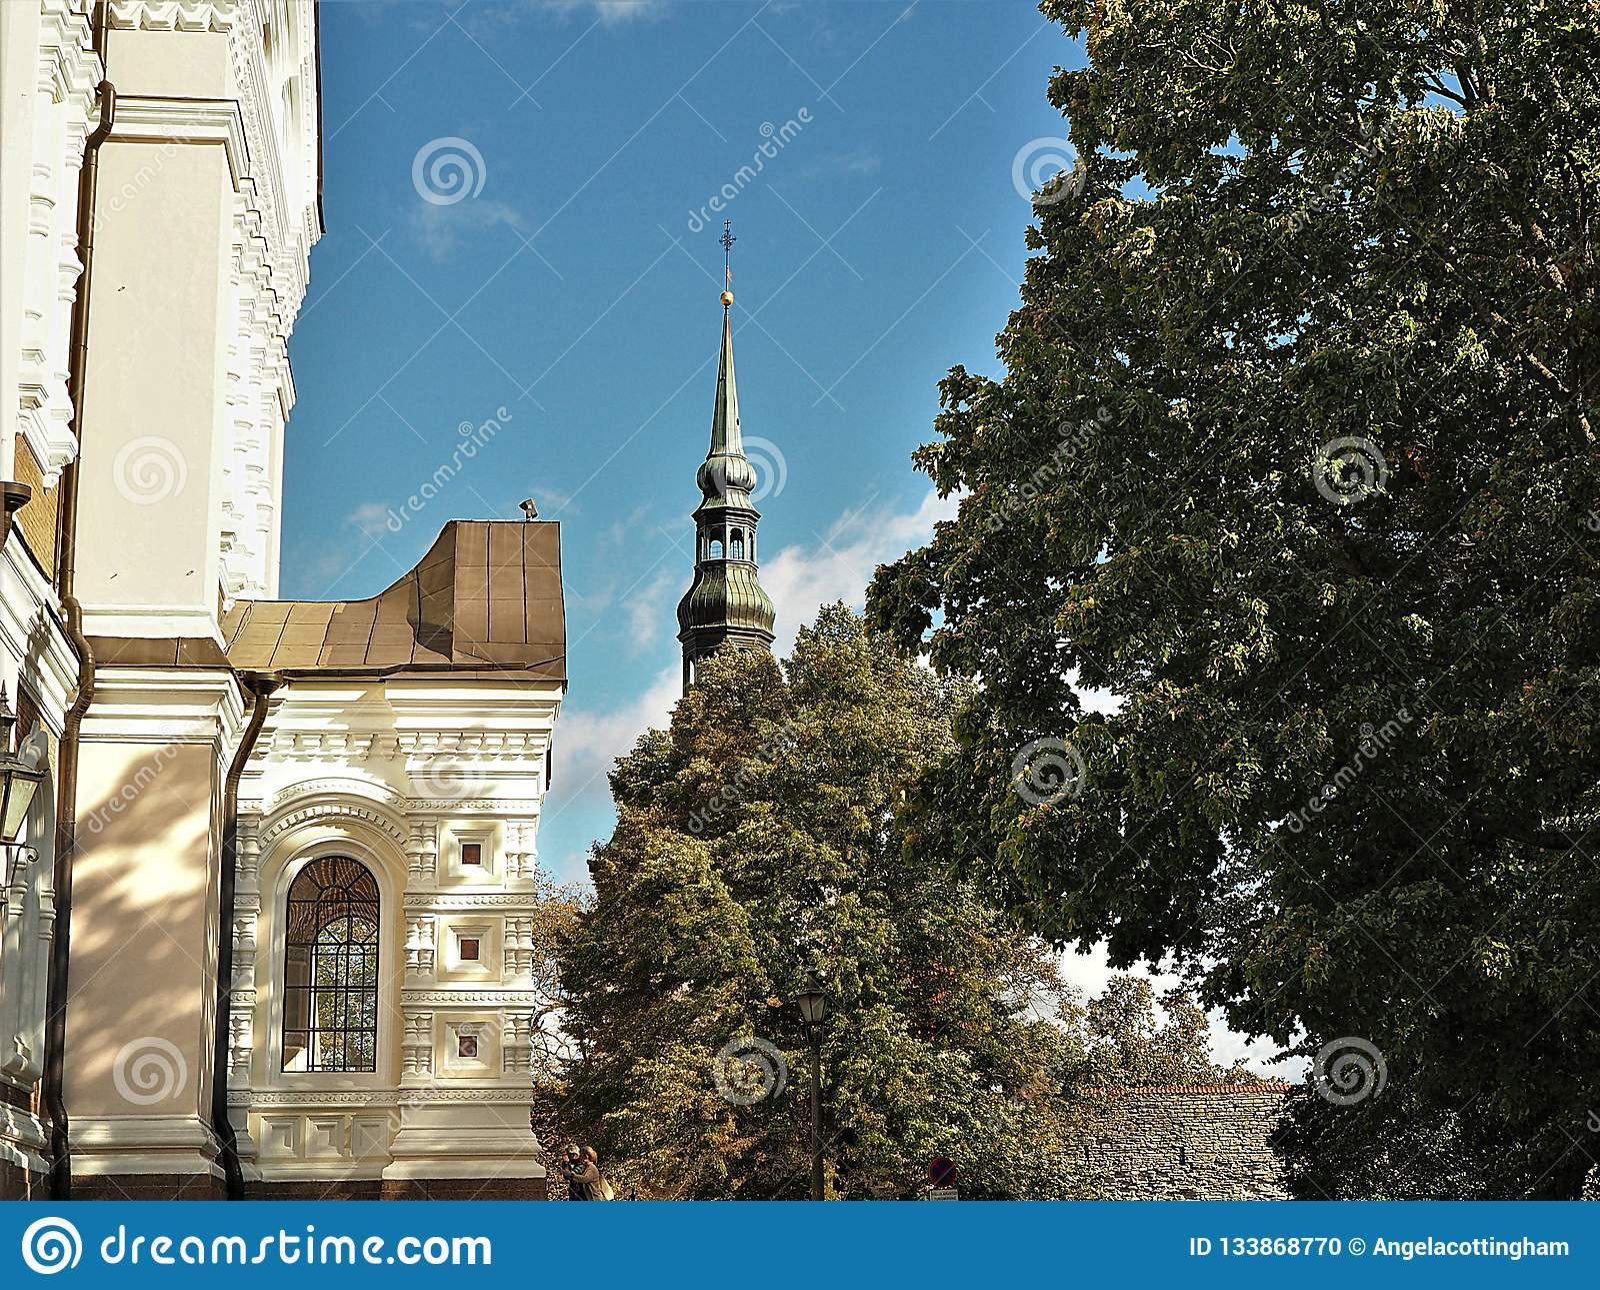 Όμορφη αρχιτεκτονική στην παλαιά πόλη του Ταλίν, Εσθονία